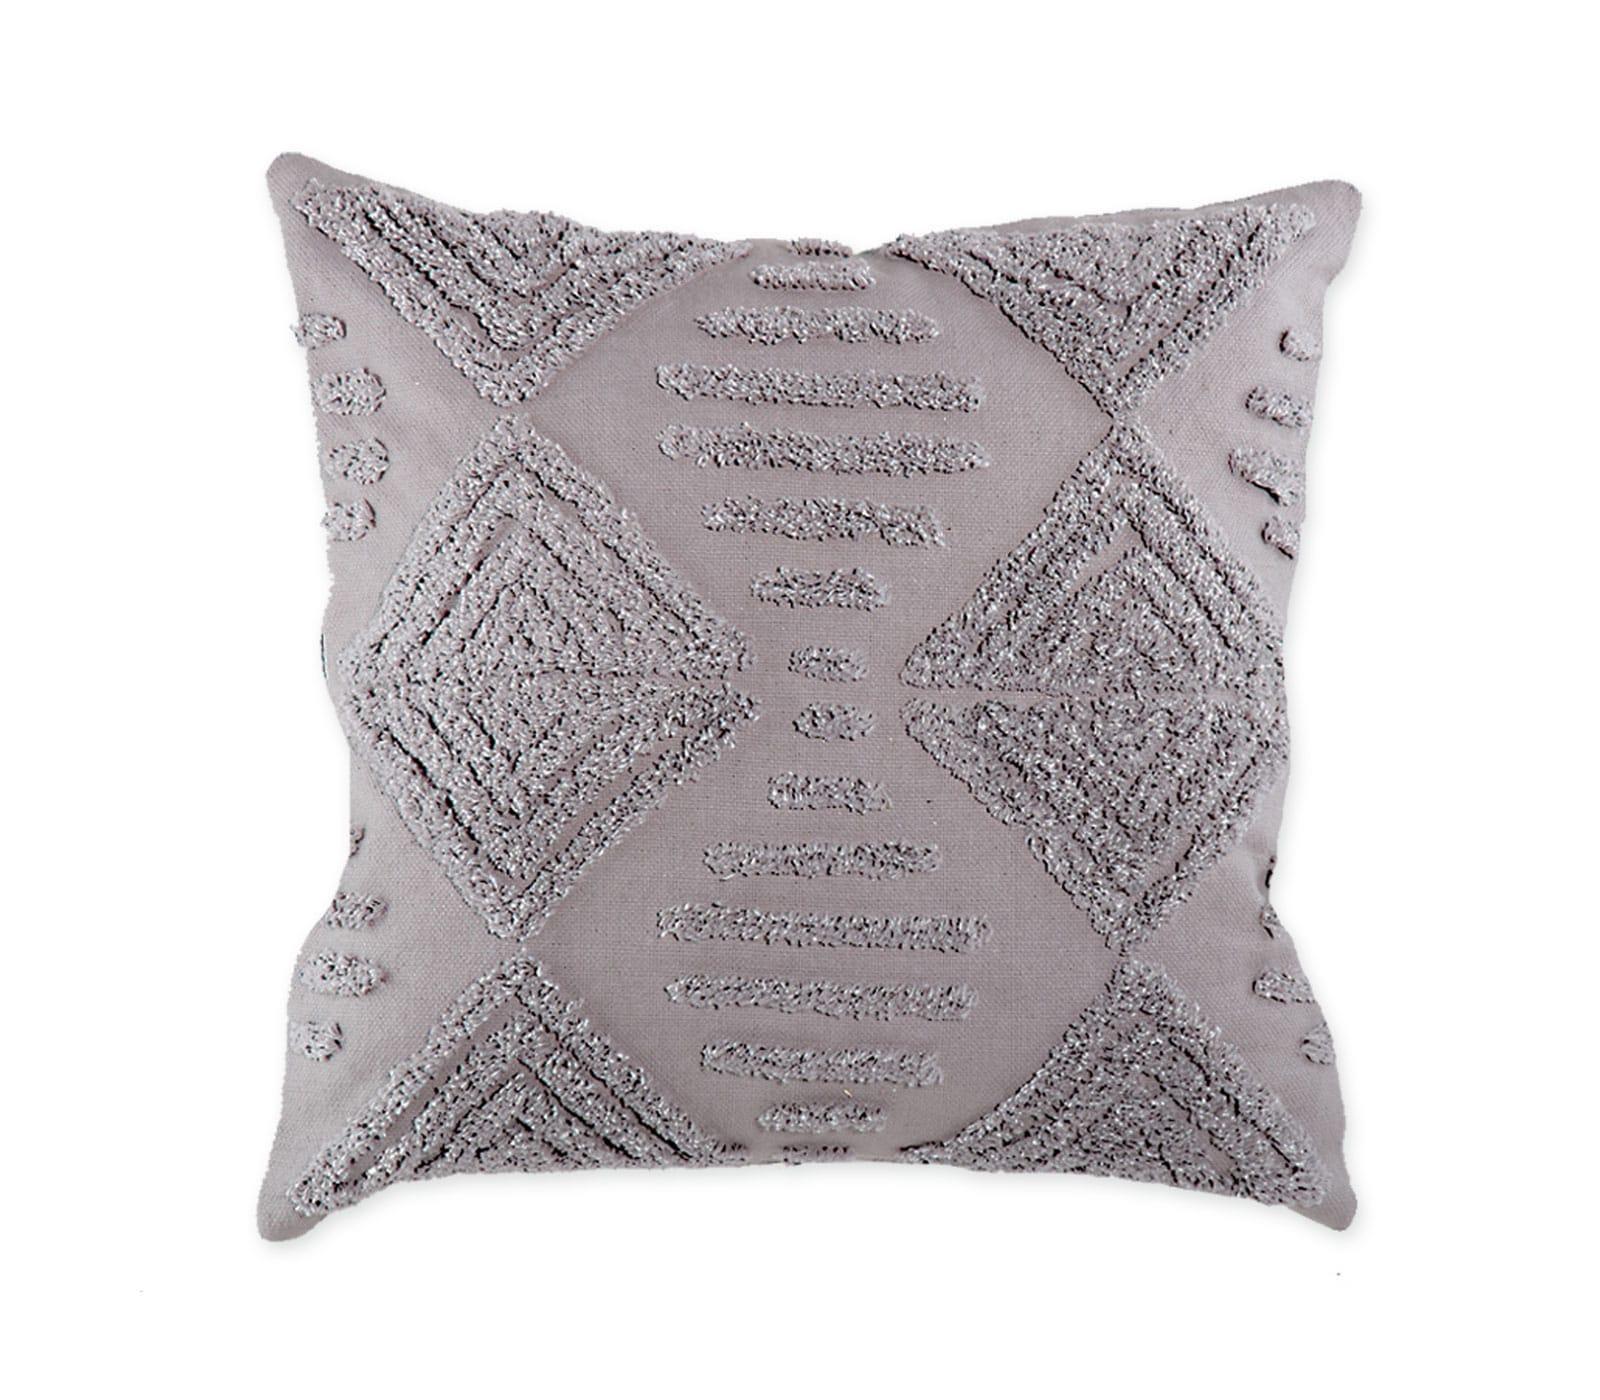 Μαξιλάρι Διακοσμητικό Retro Grey (Με Γέμιση) Nef Nef 45X45 100% Βαμβάκι